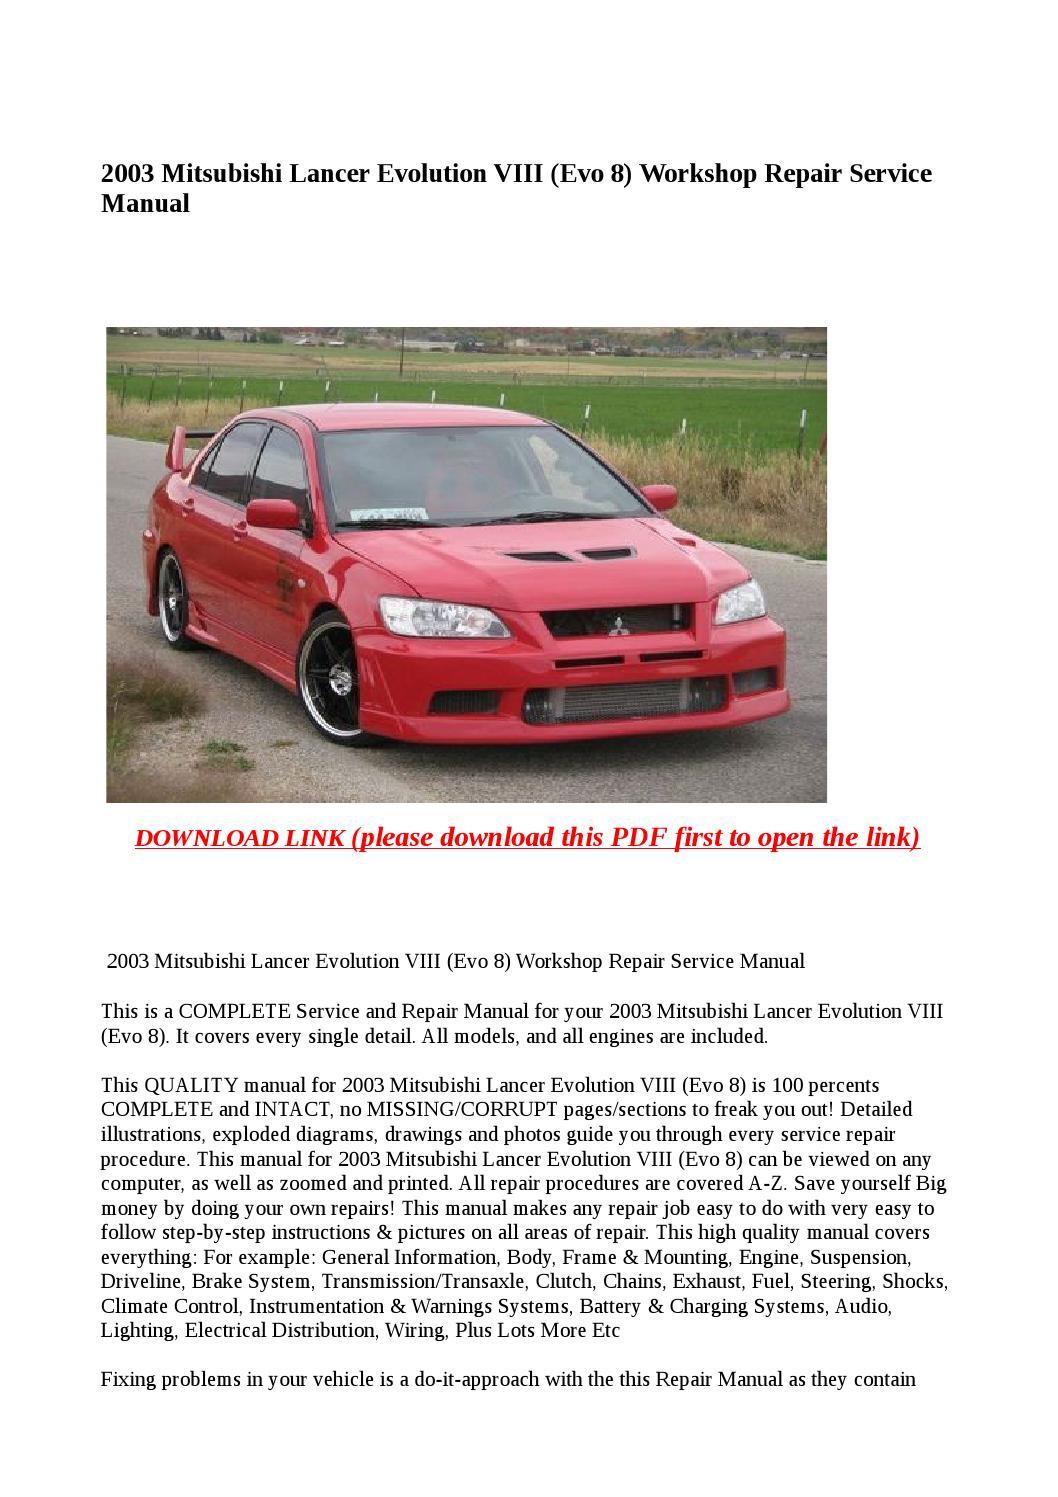 2005 mitsubishi lancer evolution service manual set oem 2 volume set and the technical service bulletins manual